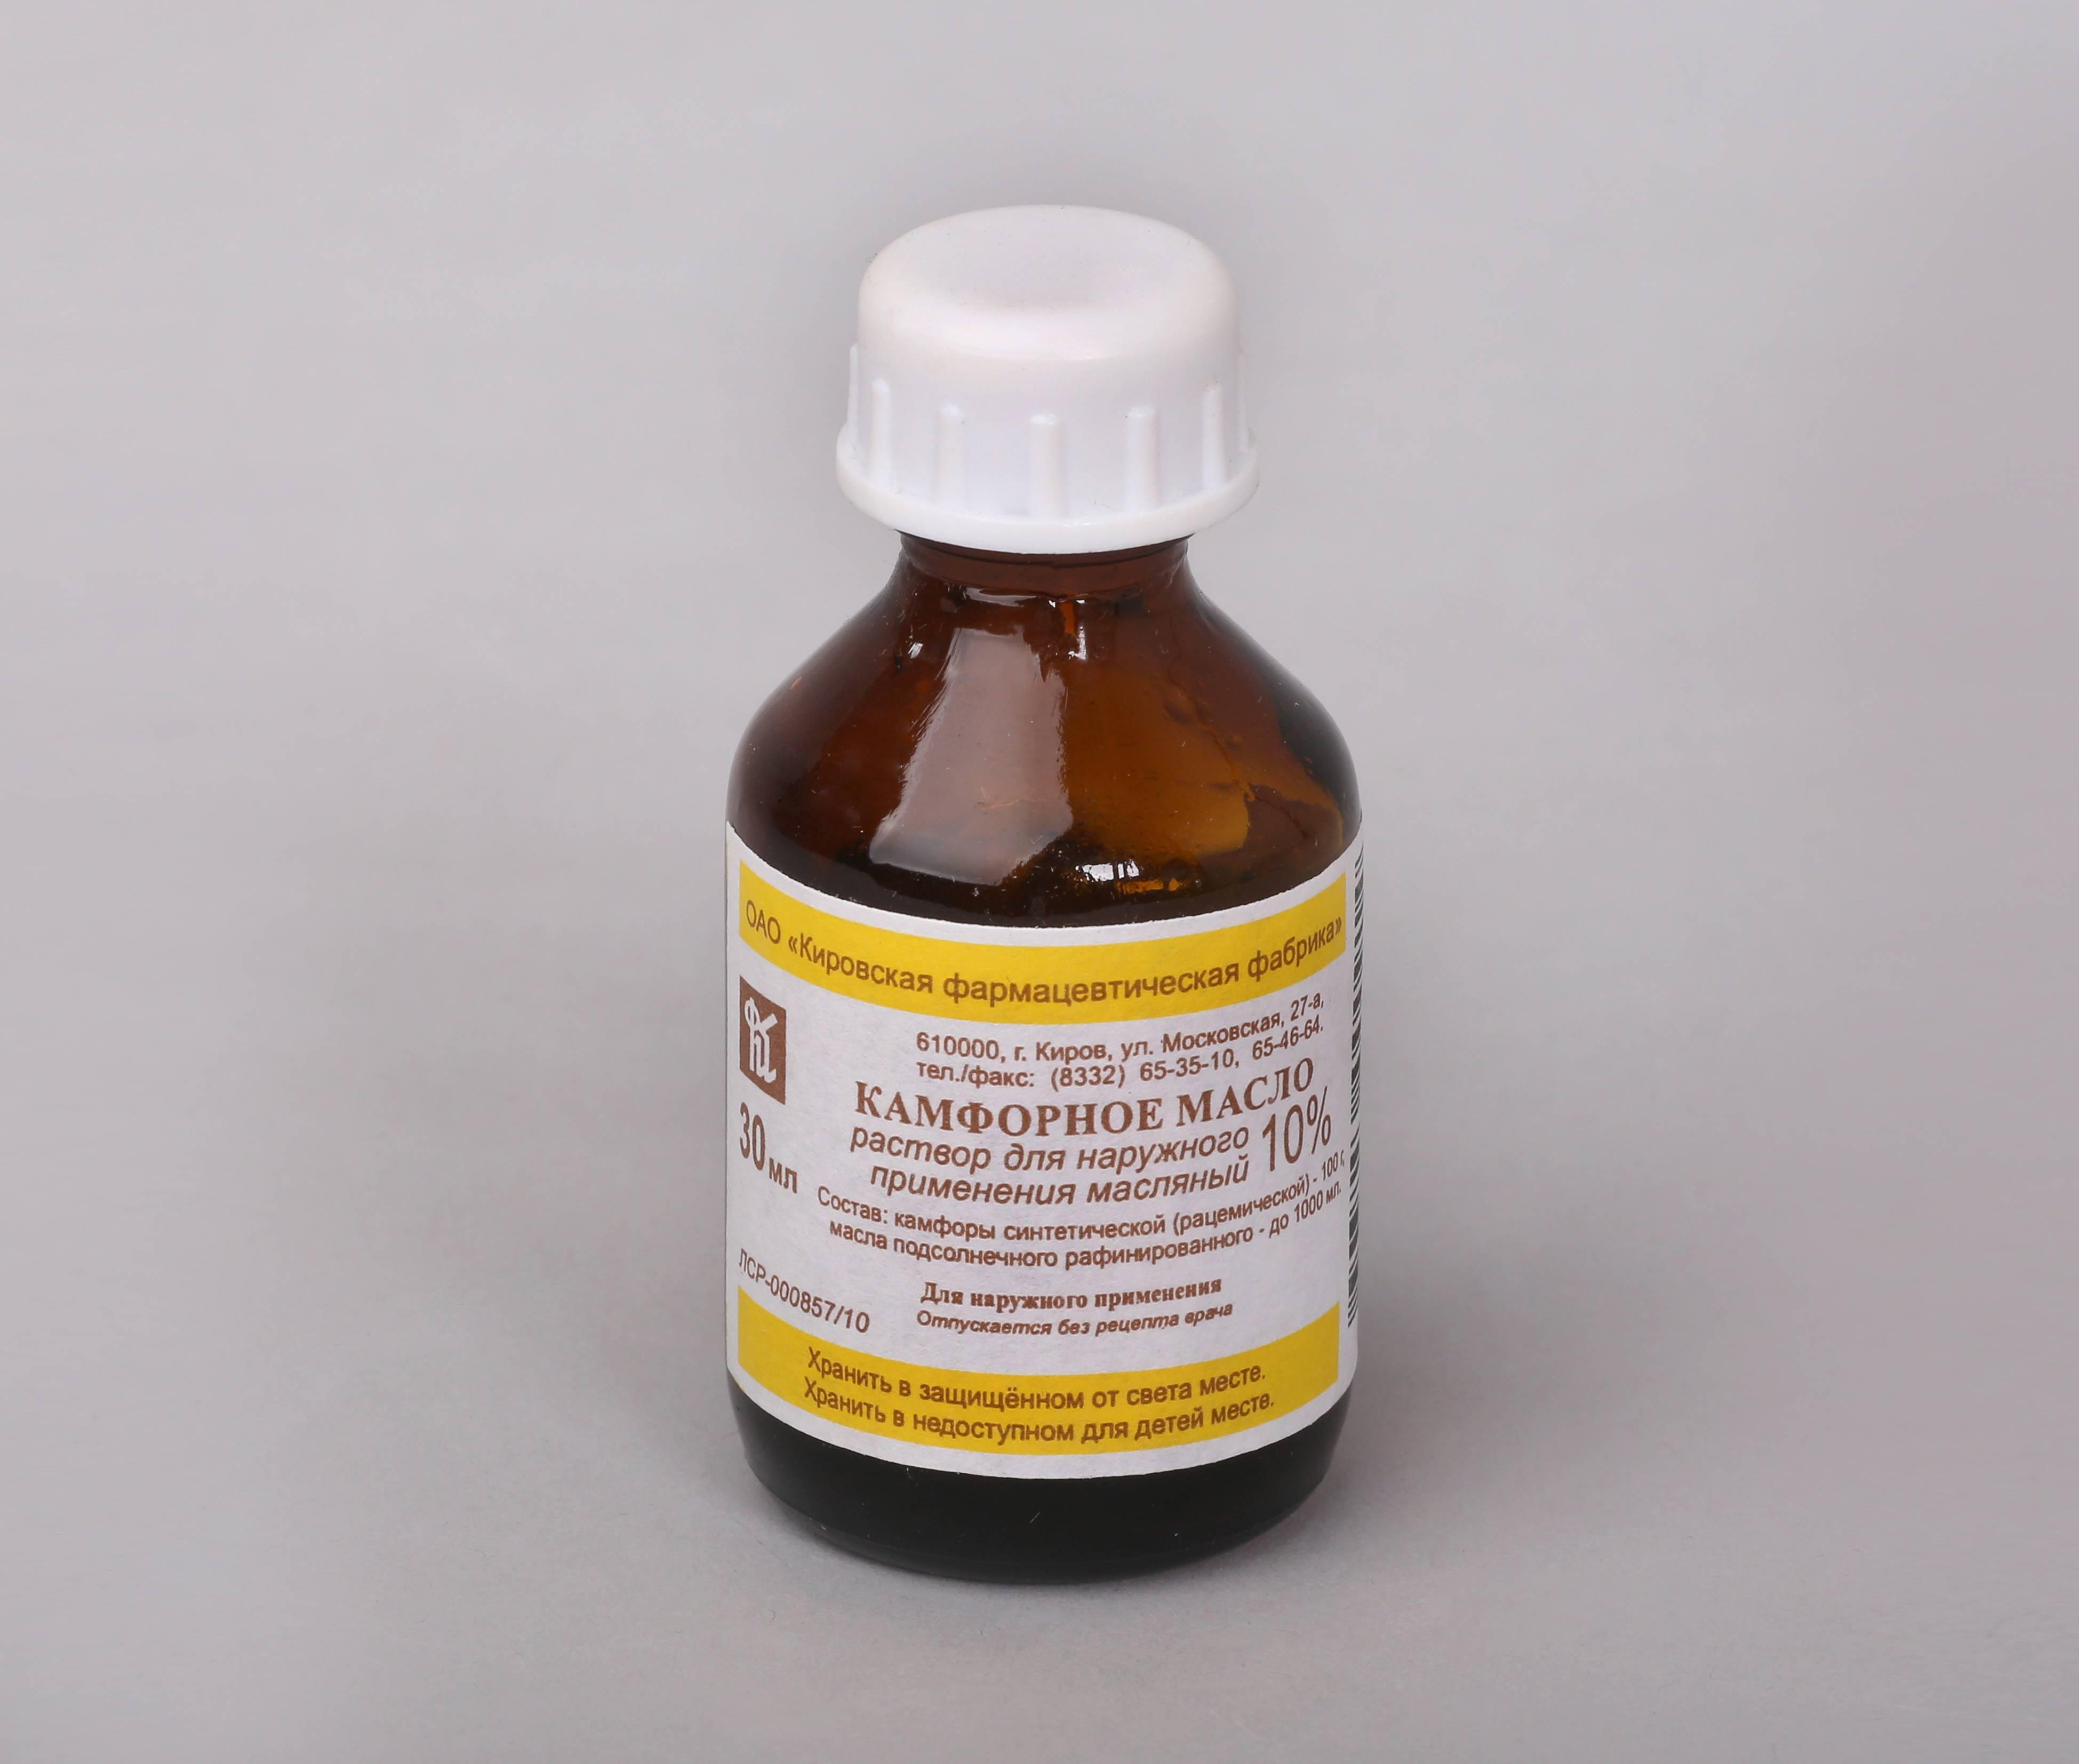 Камфорное масло при кашле и бронхите